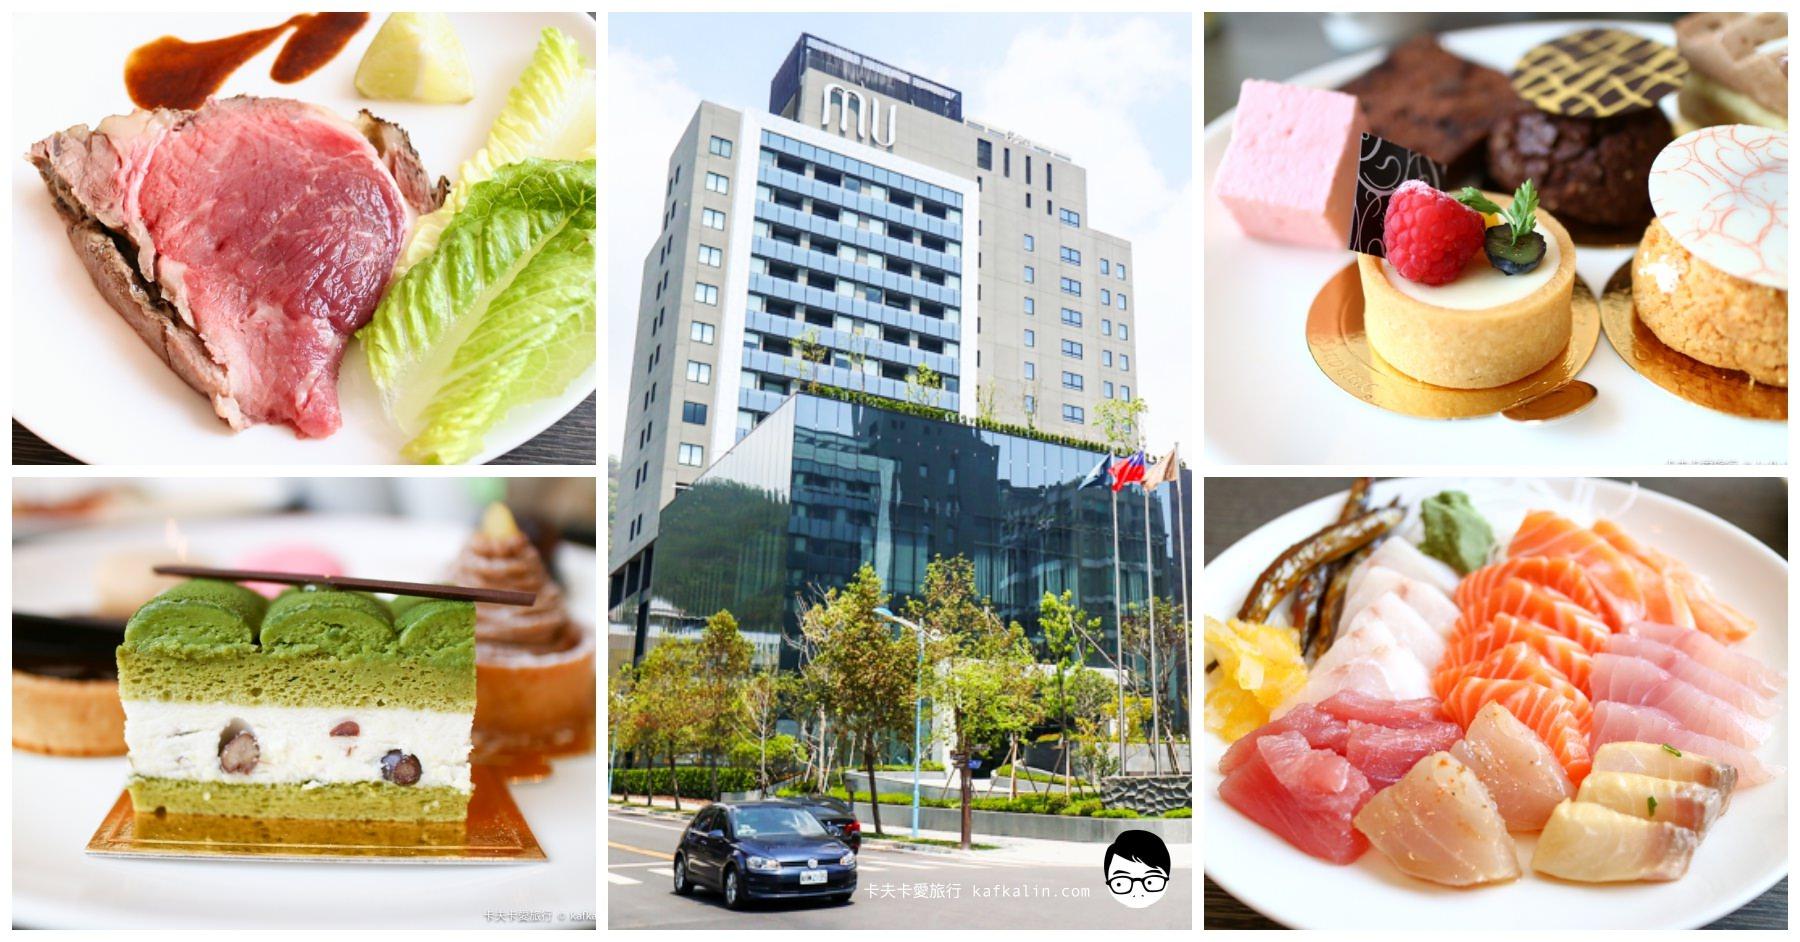 【礁溪自助餐】寒沐酒店MU TABLE |這樣吃最內行寒舍品牌吃到飽Buffet